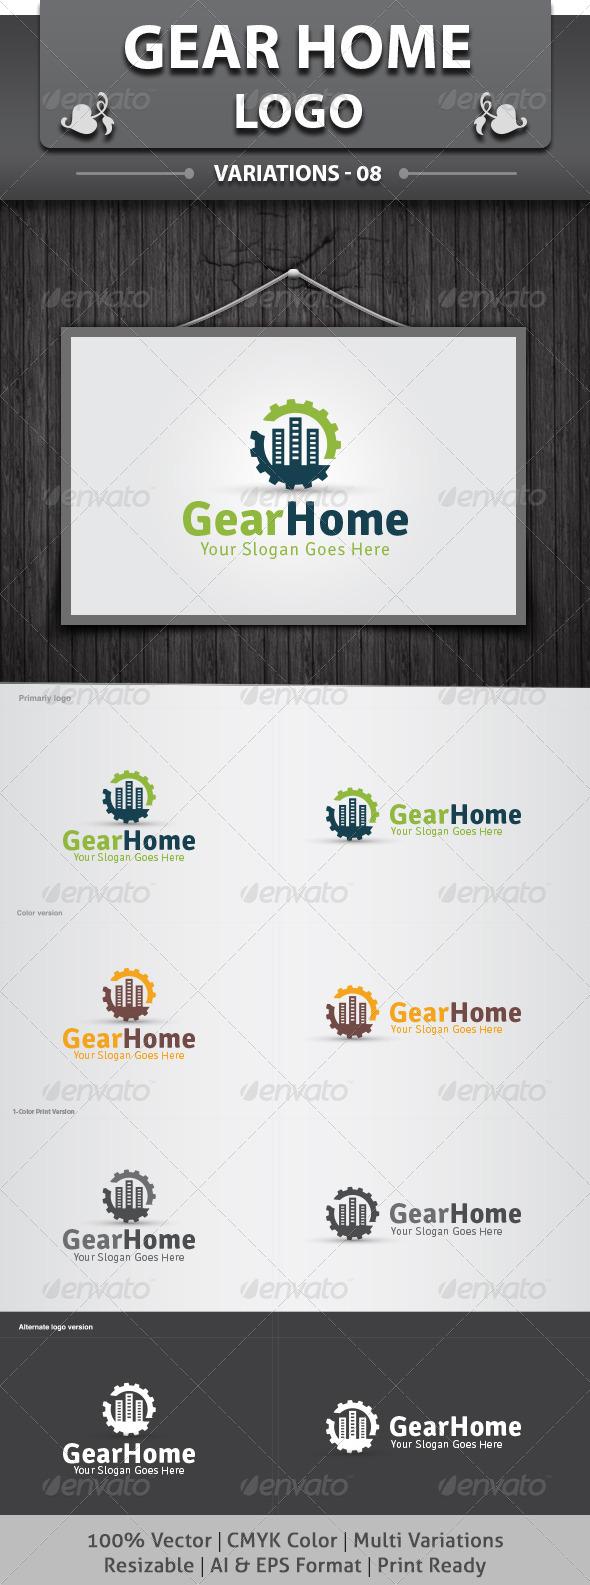 GraphicRiver Gear Home Logo 4858060